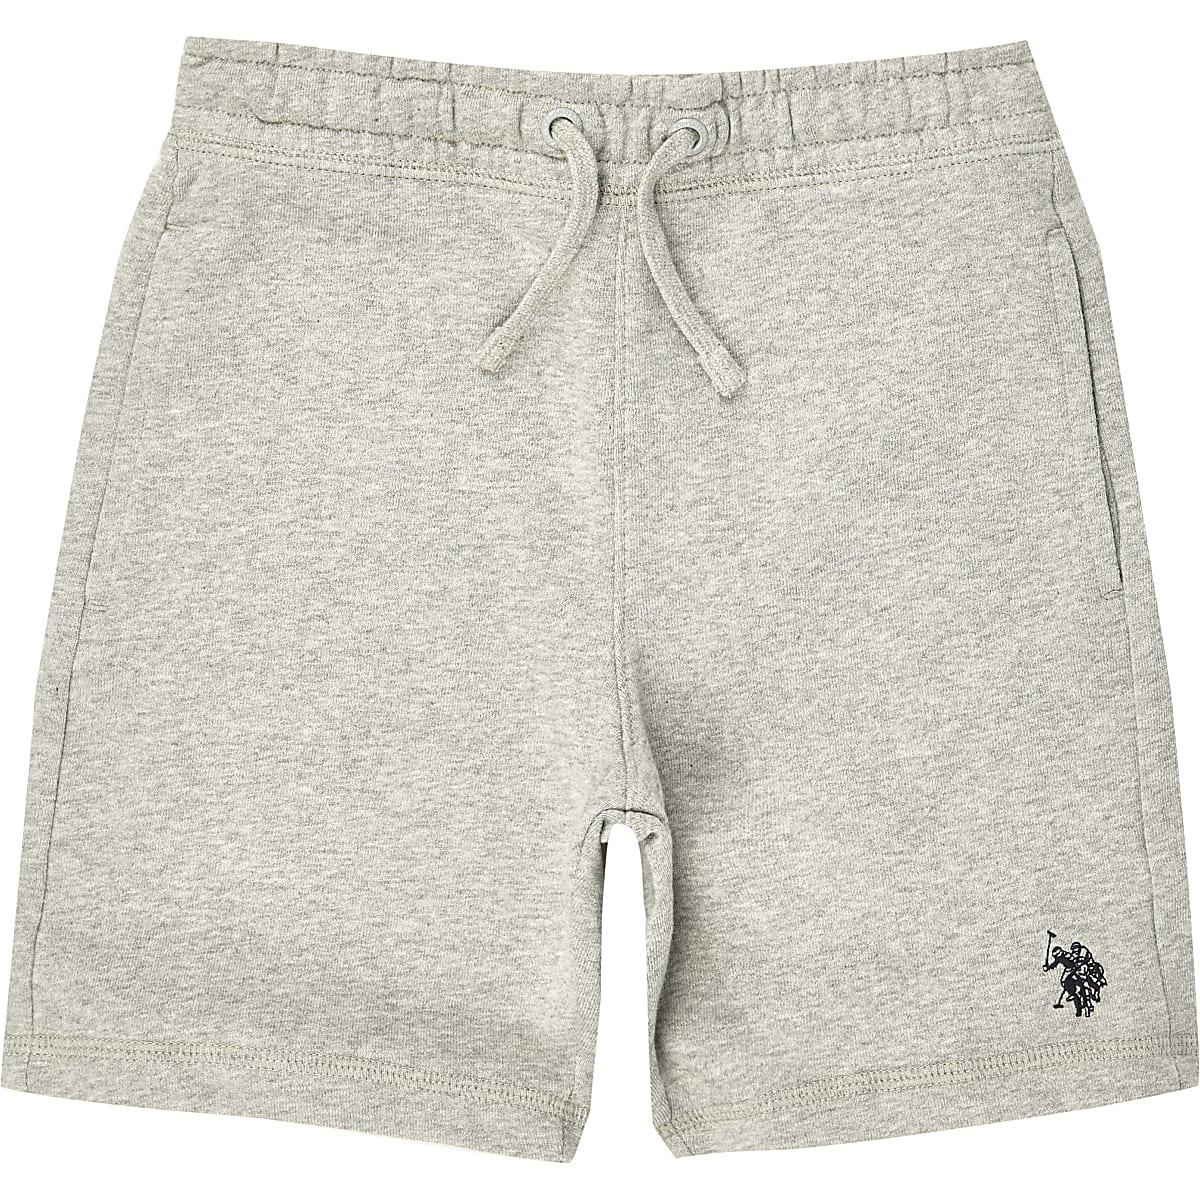 Boys grey U.S. Polo Assn. jersey shorts